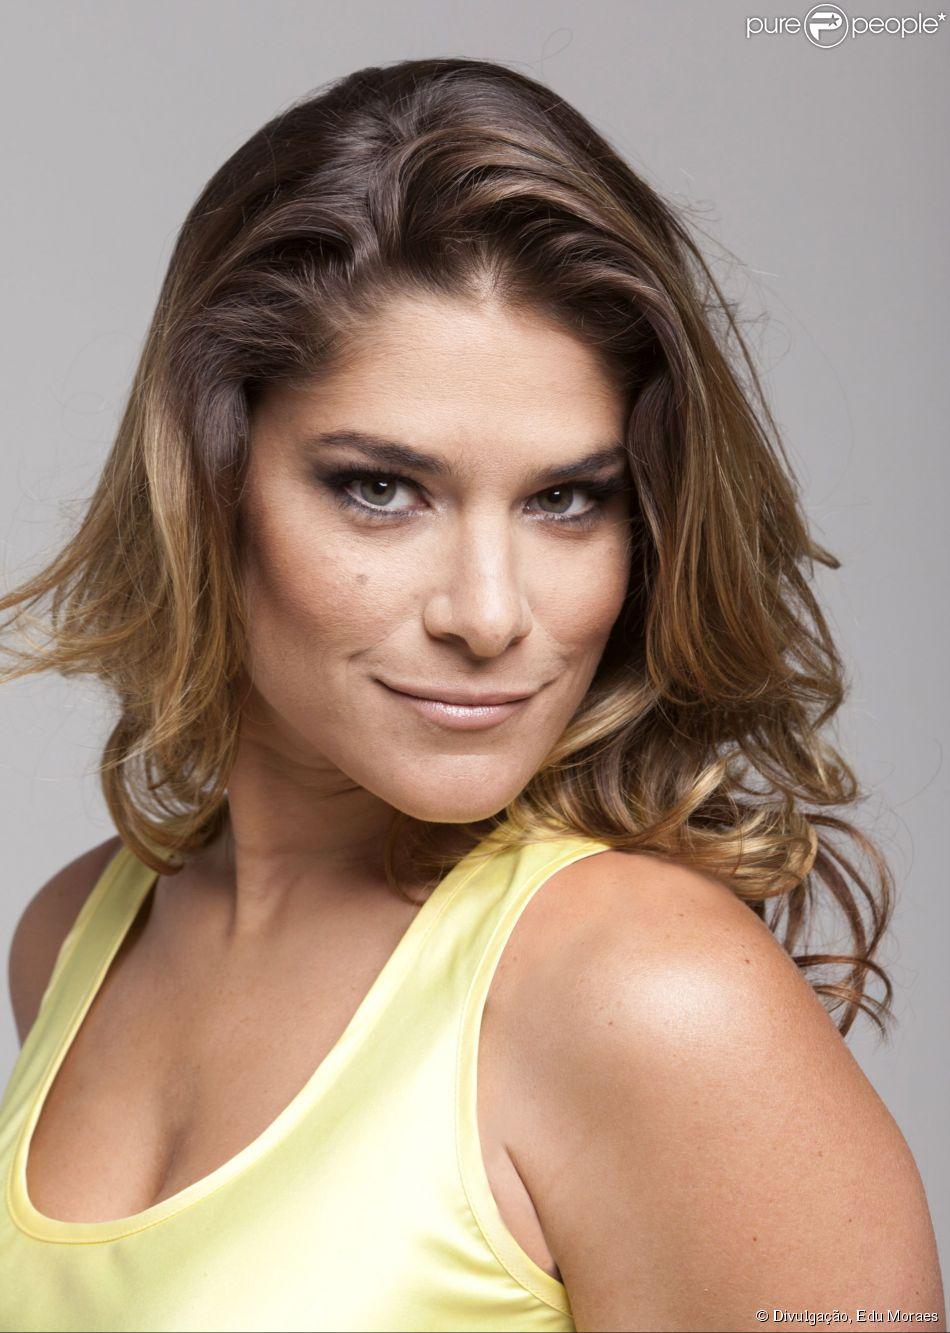 Após quatro anos afastada da TV, Priscila Fantin volta à TV em uma participação de 20 capítulos em Malhação